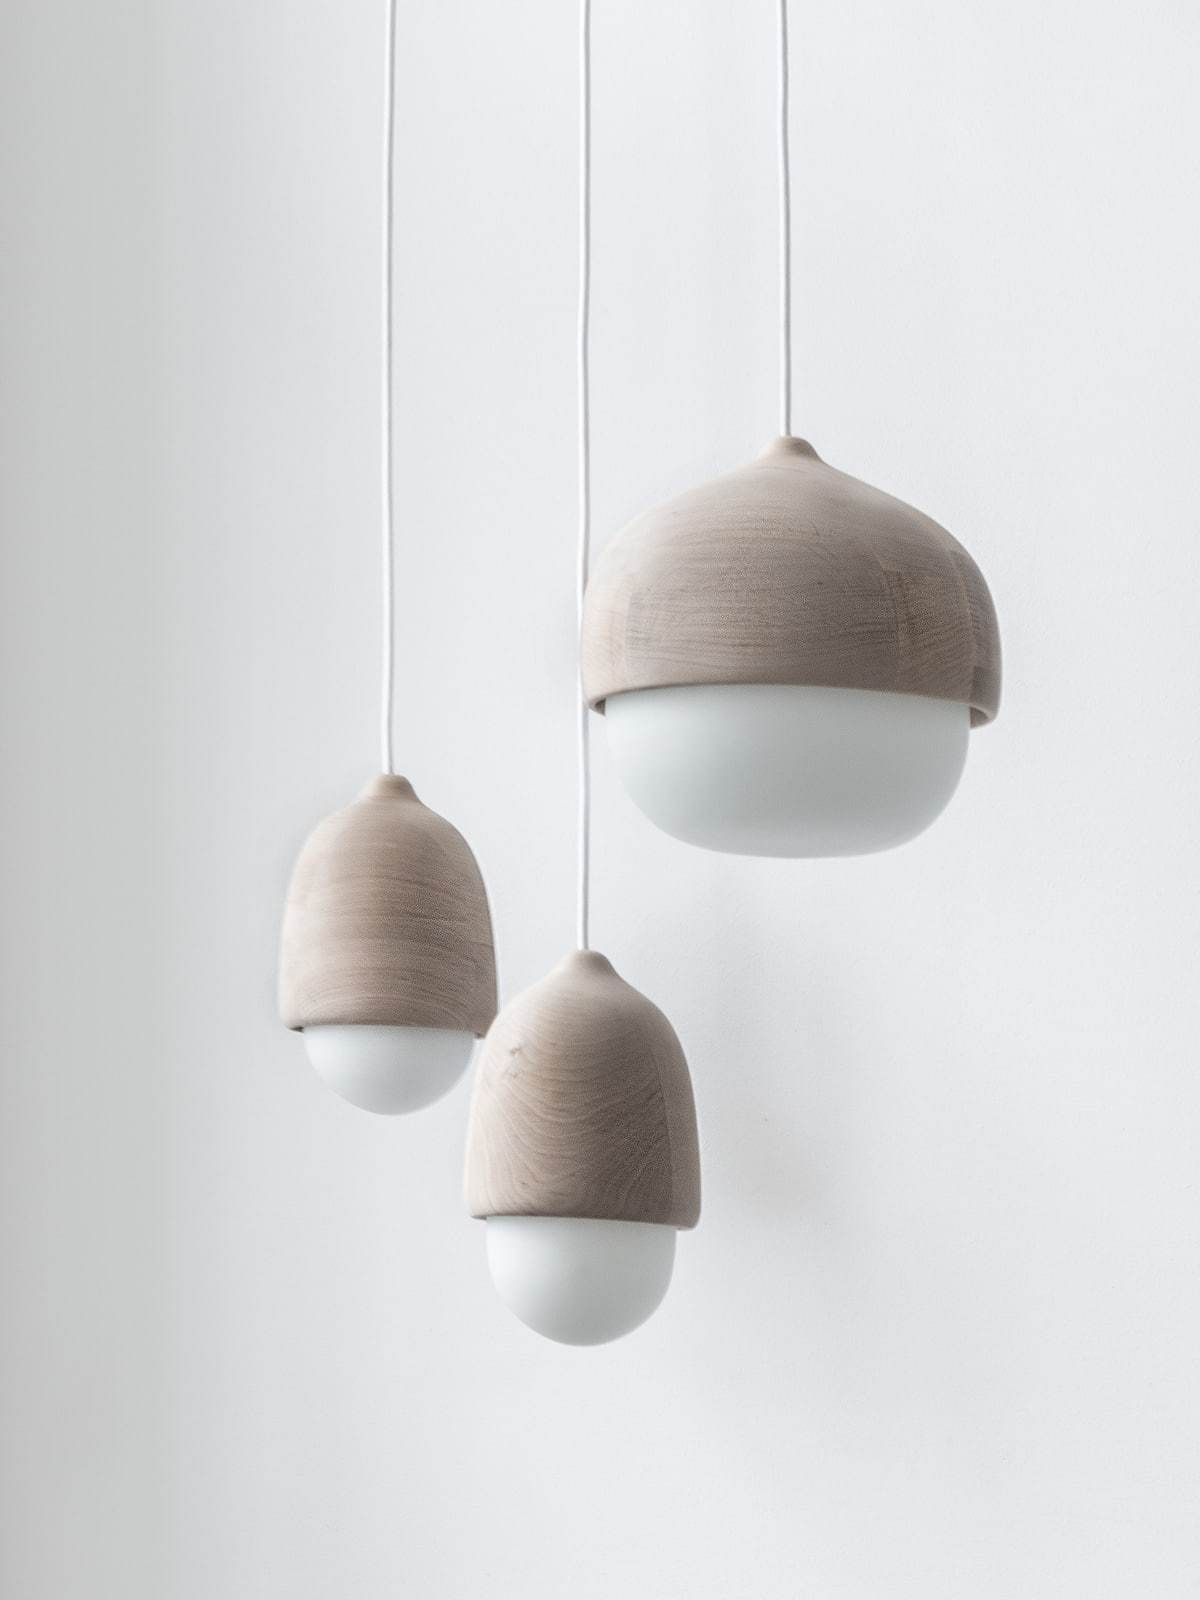 DesignOrt Lampen Leuchten Designerleuchten Berlin Design